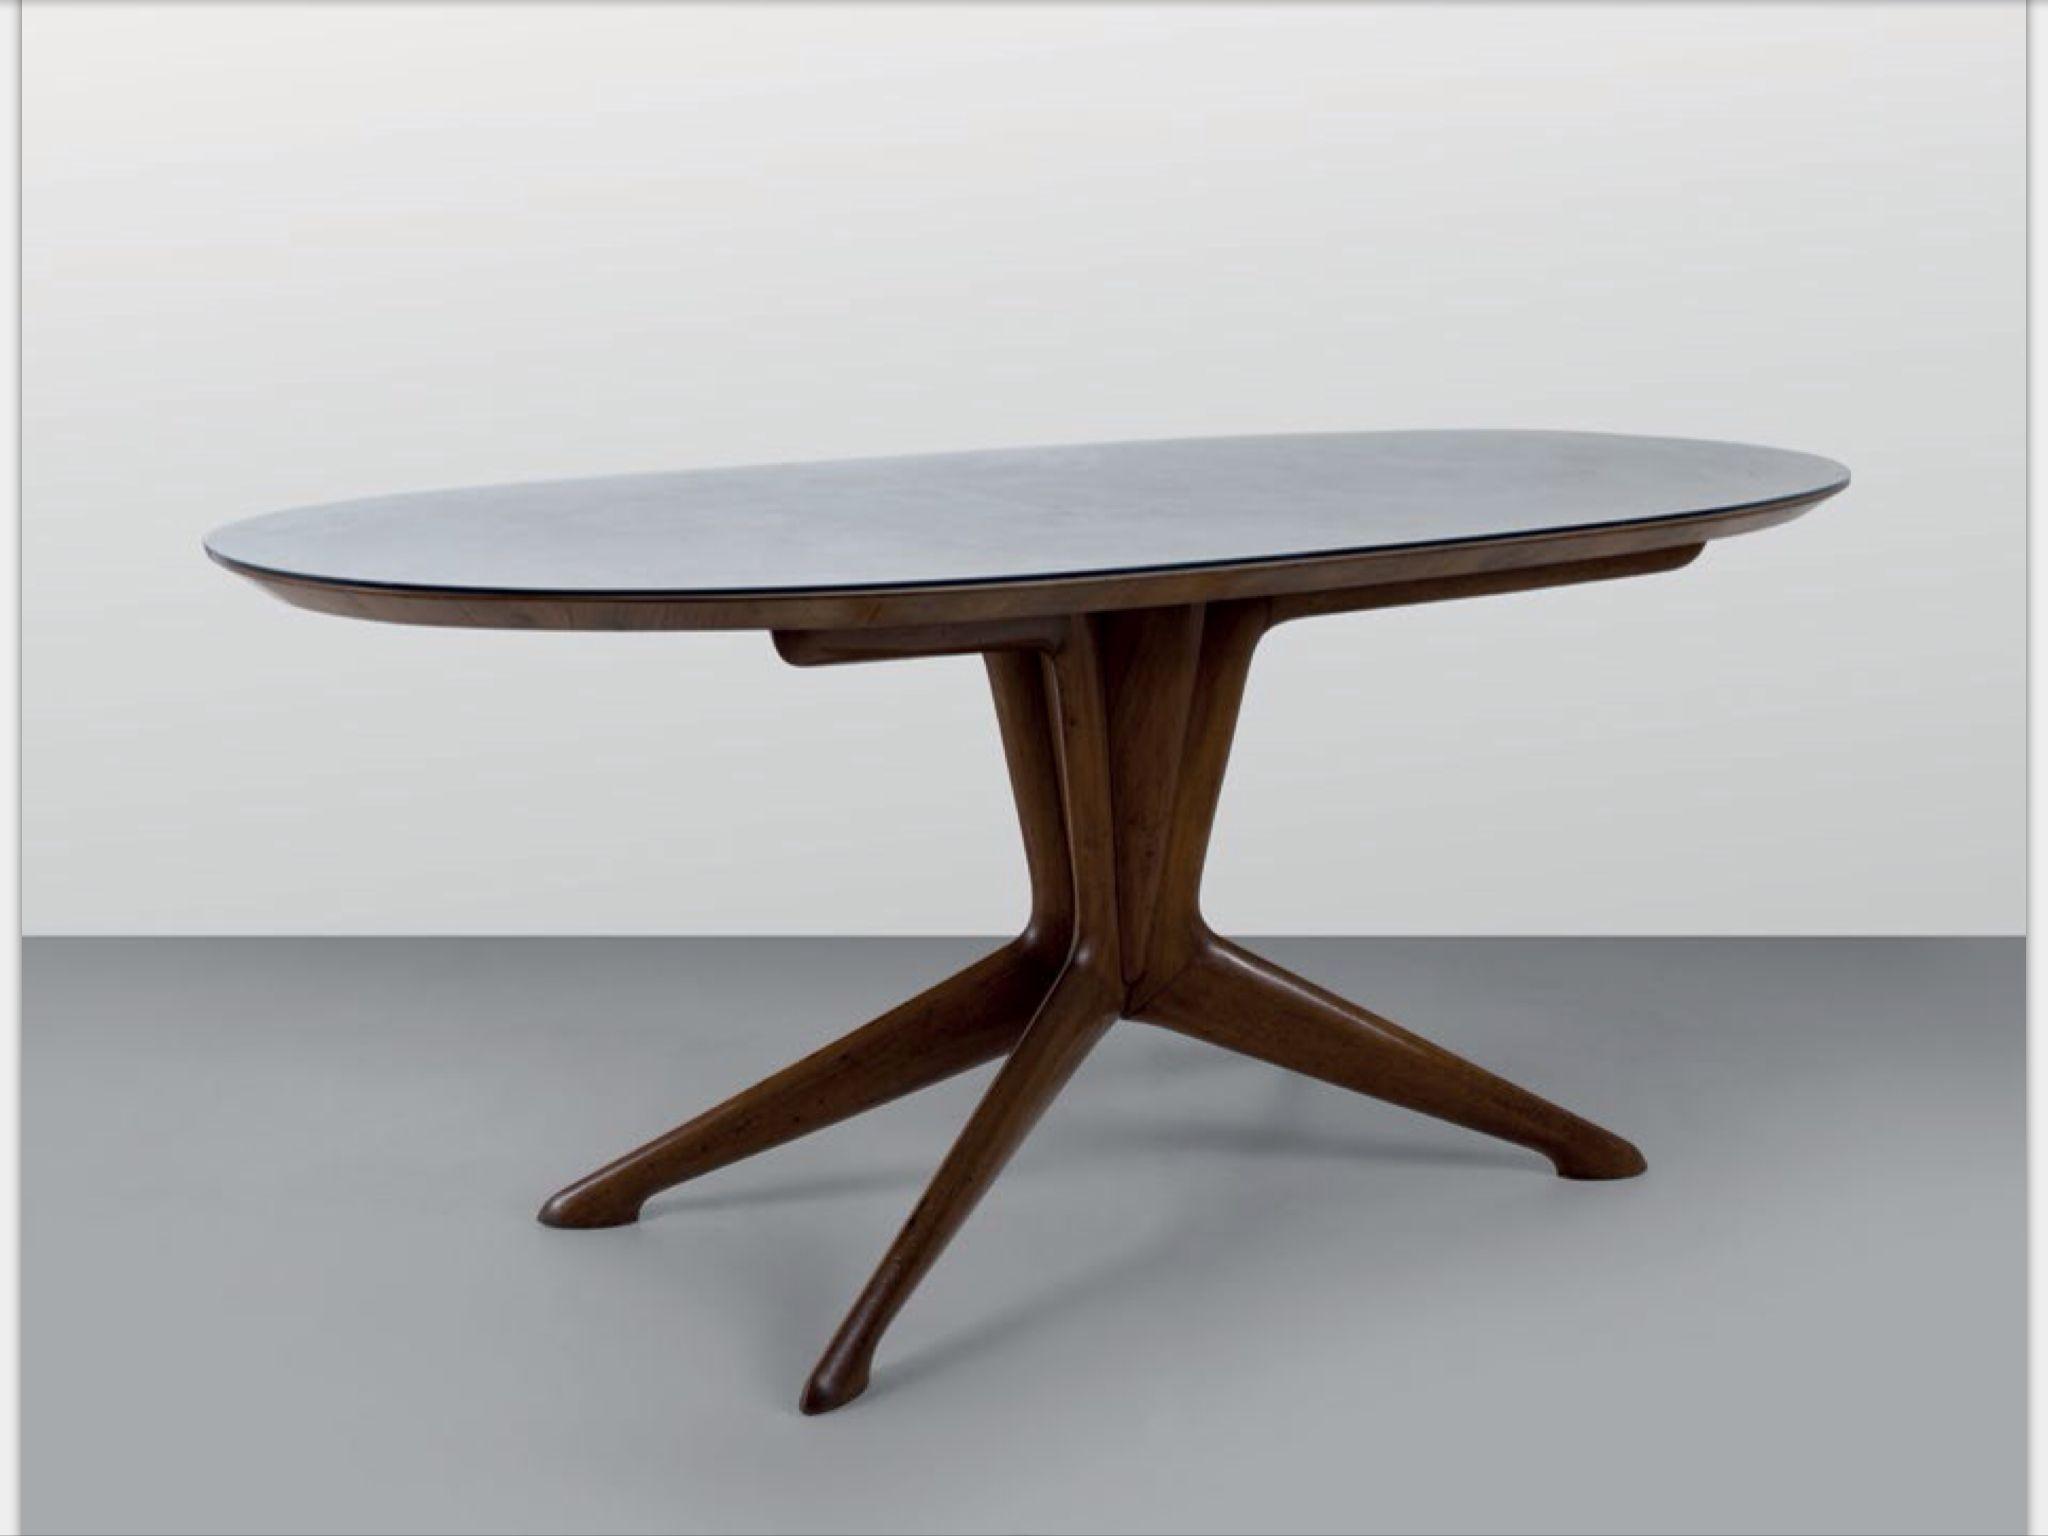 ico e luisa parisi un tavolo da pranzo fine anni 40 legno di noce legno impiallacciato in. Black Bedroom Furniture Sets. Home Design Ideas